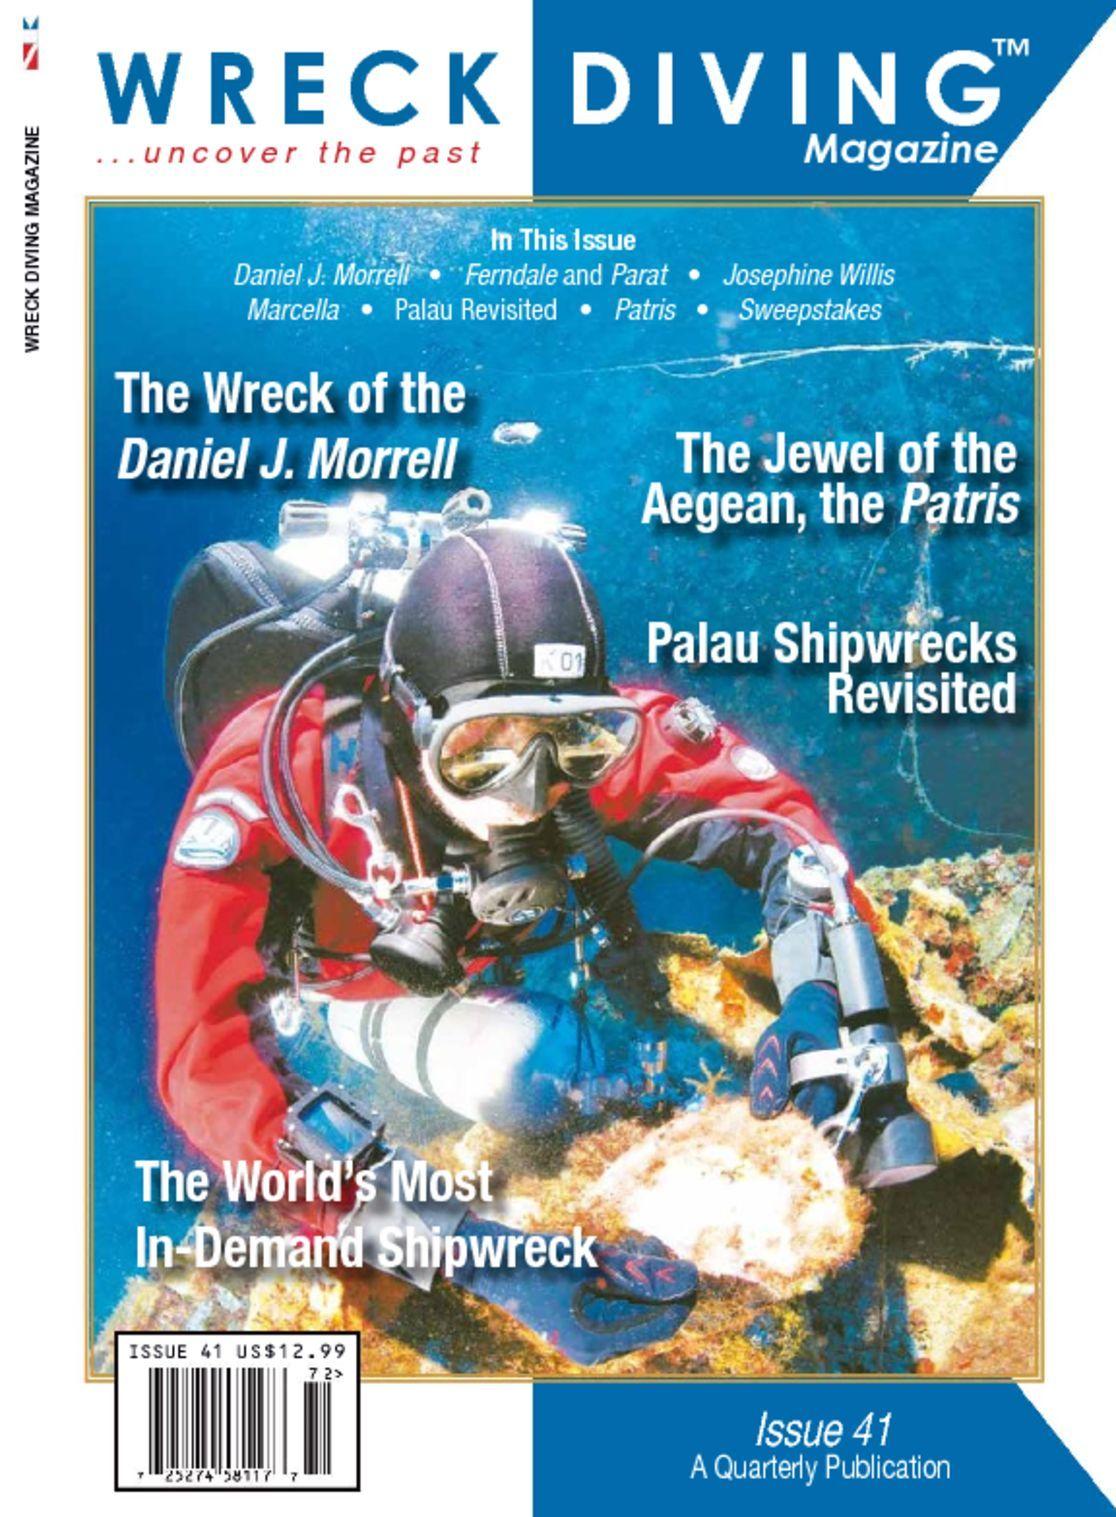 Wreck Diving Digital